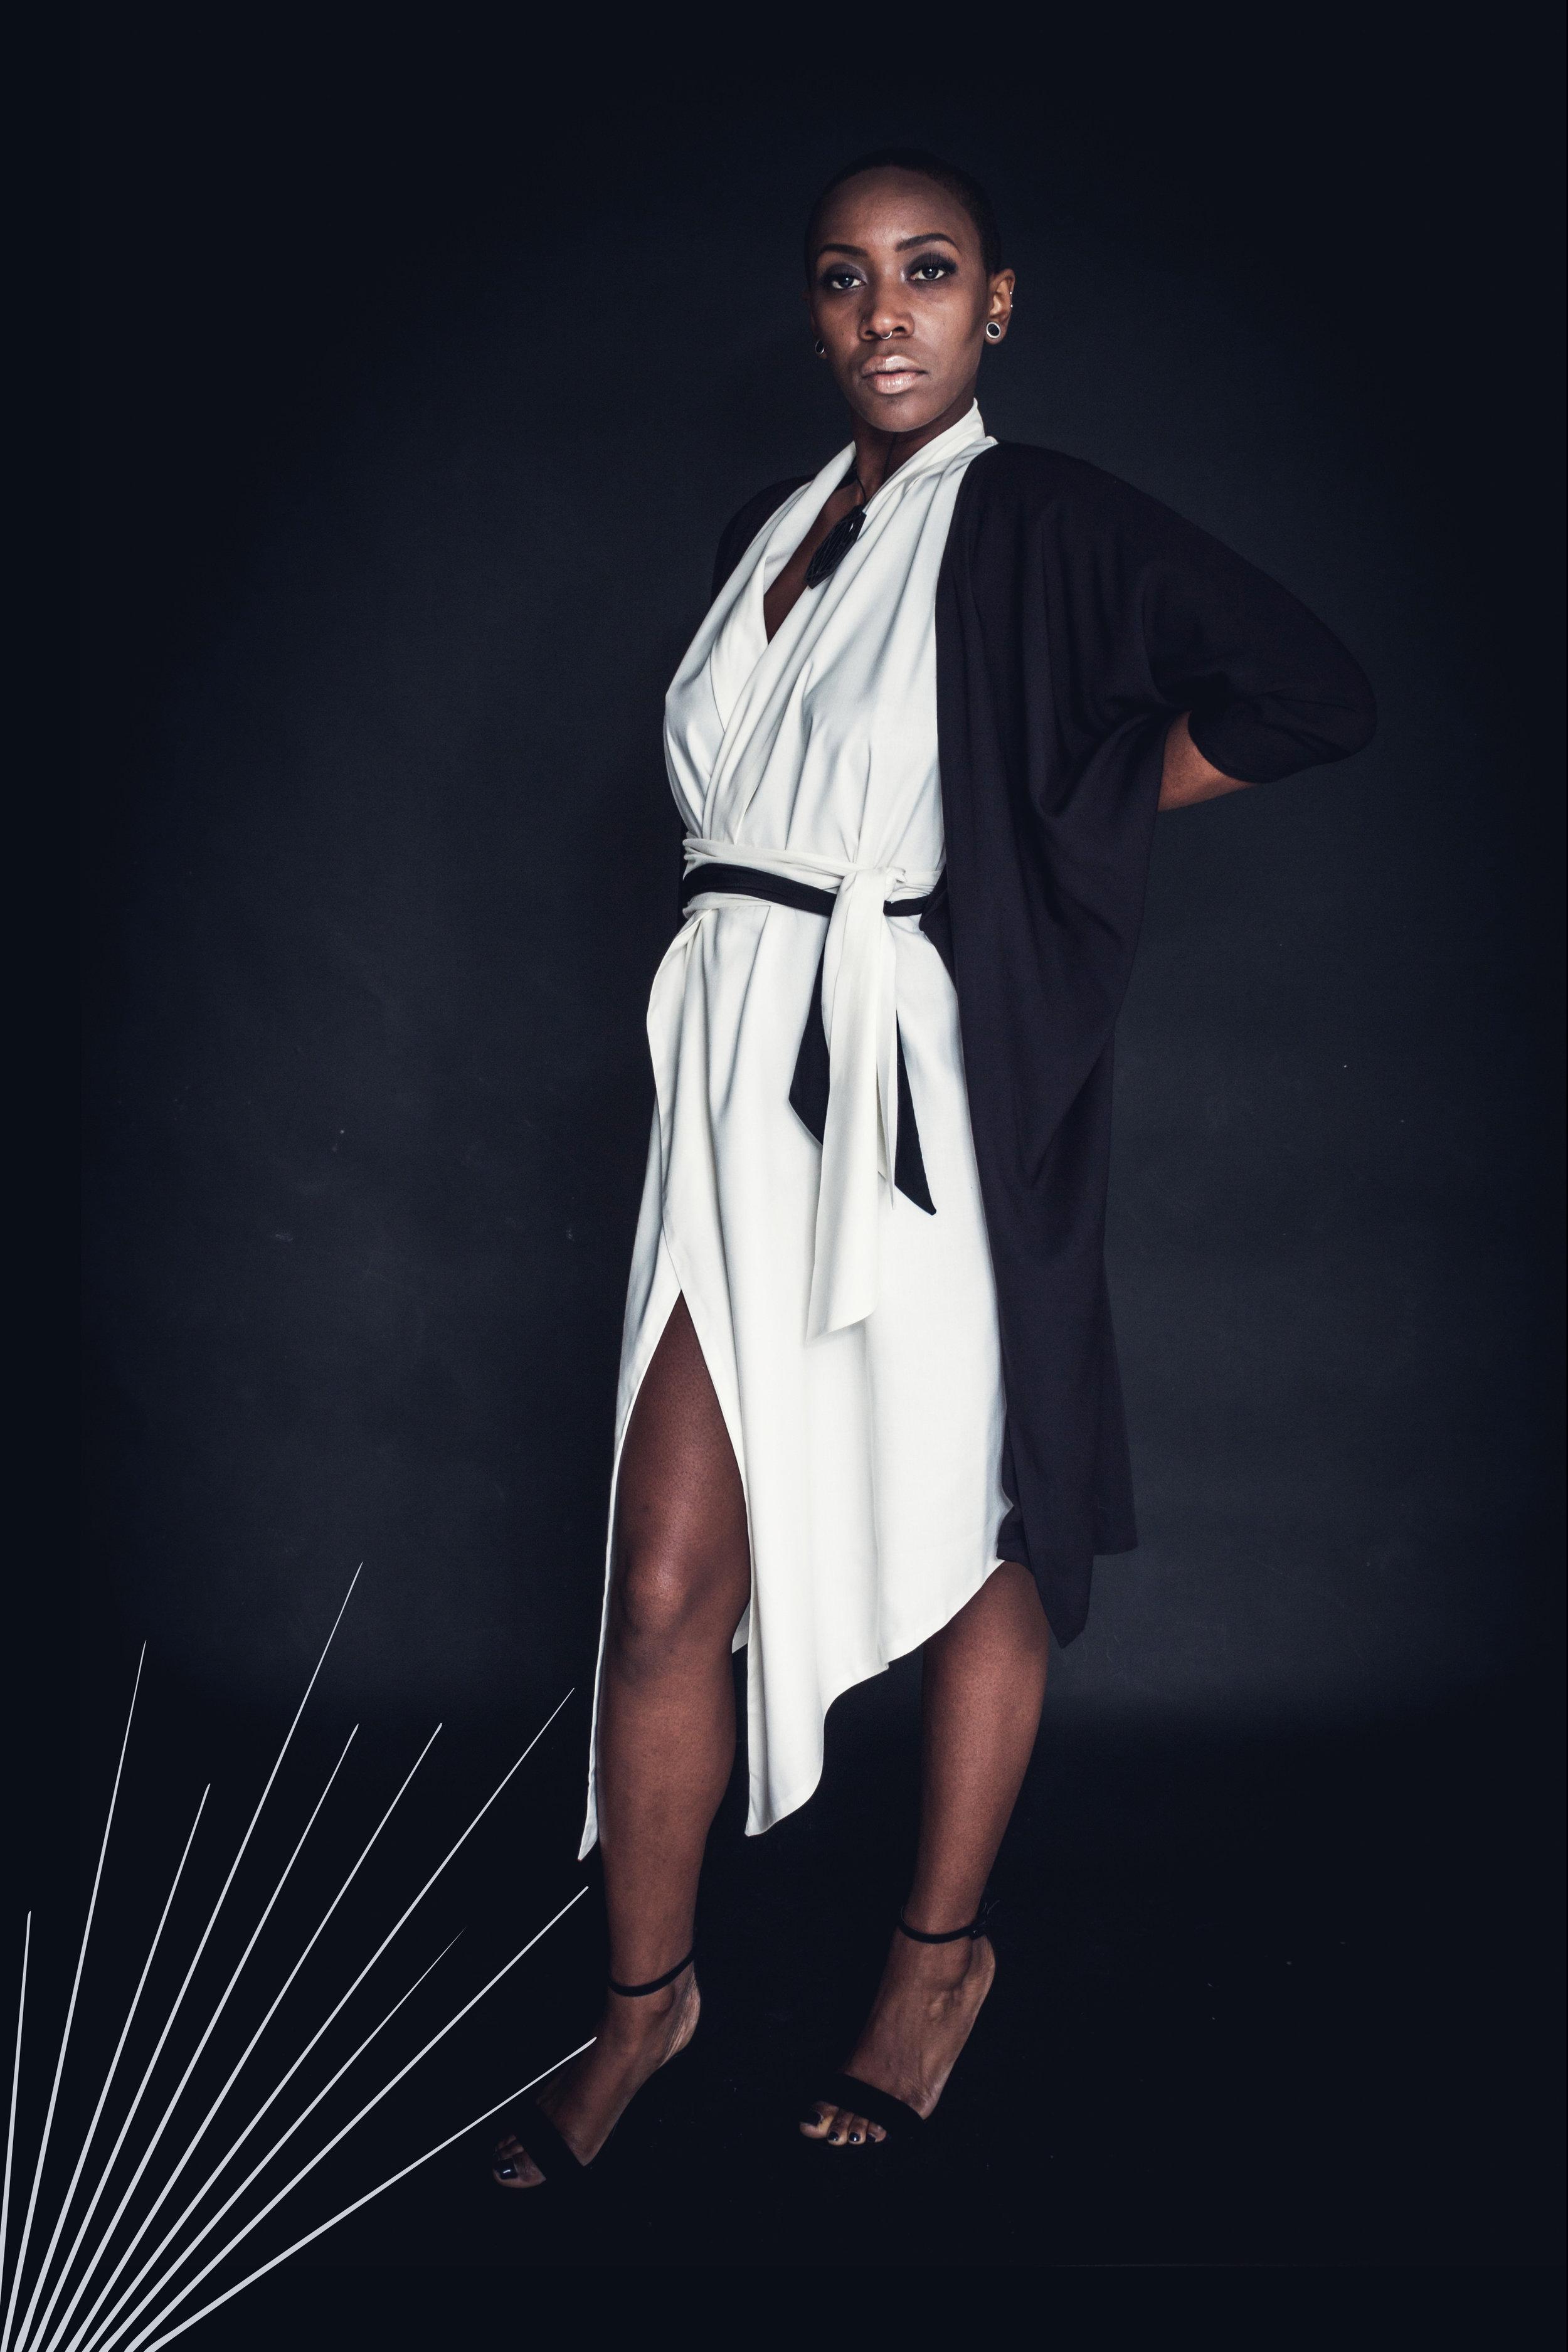 zaramia-ava-zaramiaava-leeds-fashion-designer-leedsfashiondesigner-stylist-leeds-stylist-leedsstylist-ethical-sustainable-minimalist-versatile-drape-emi-bamboo-organic-dress-jacket-black-natural-ayame-ethicalfashion-sustainablefashion-4.jpg